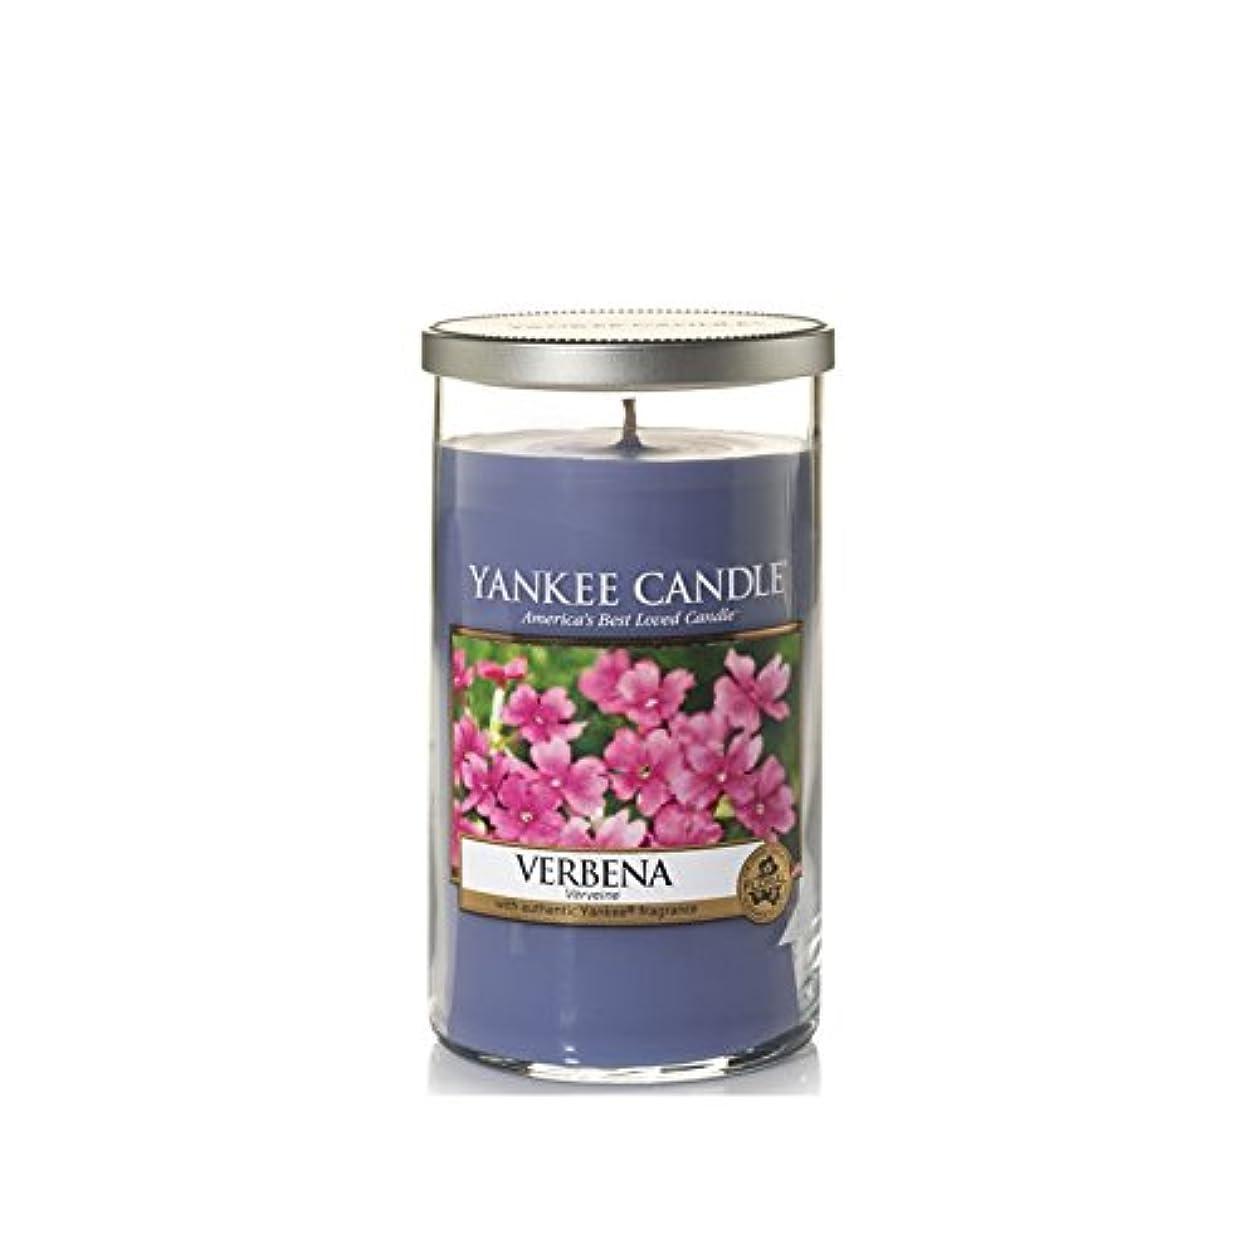 推進、動かす無駄な自由Yankee Candles Medium Pillar Candle - Verbena (Pack of 6) - ヤンキーキャンドルメディアピラーキャンドル - バーベナ (x6) [並行輸入品]